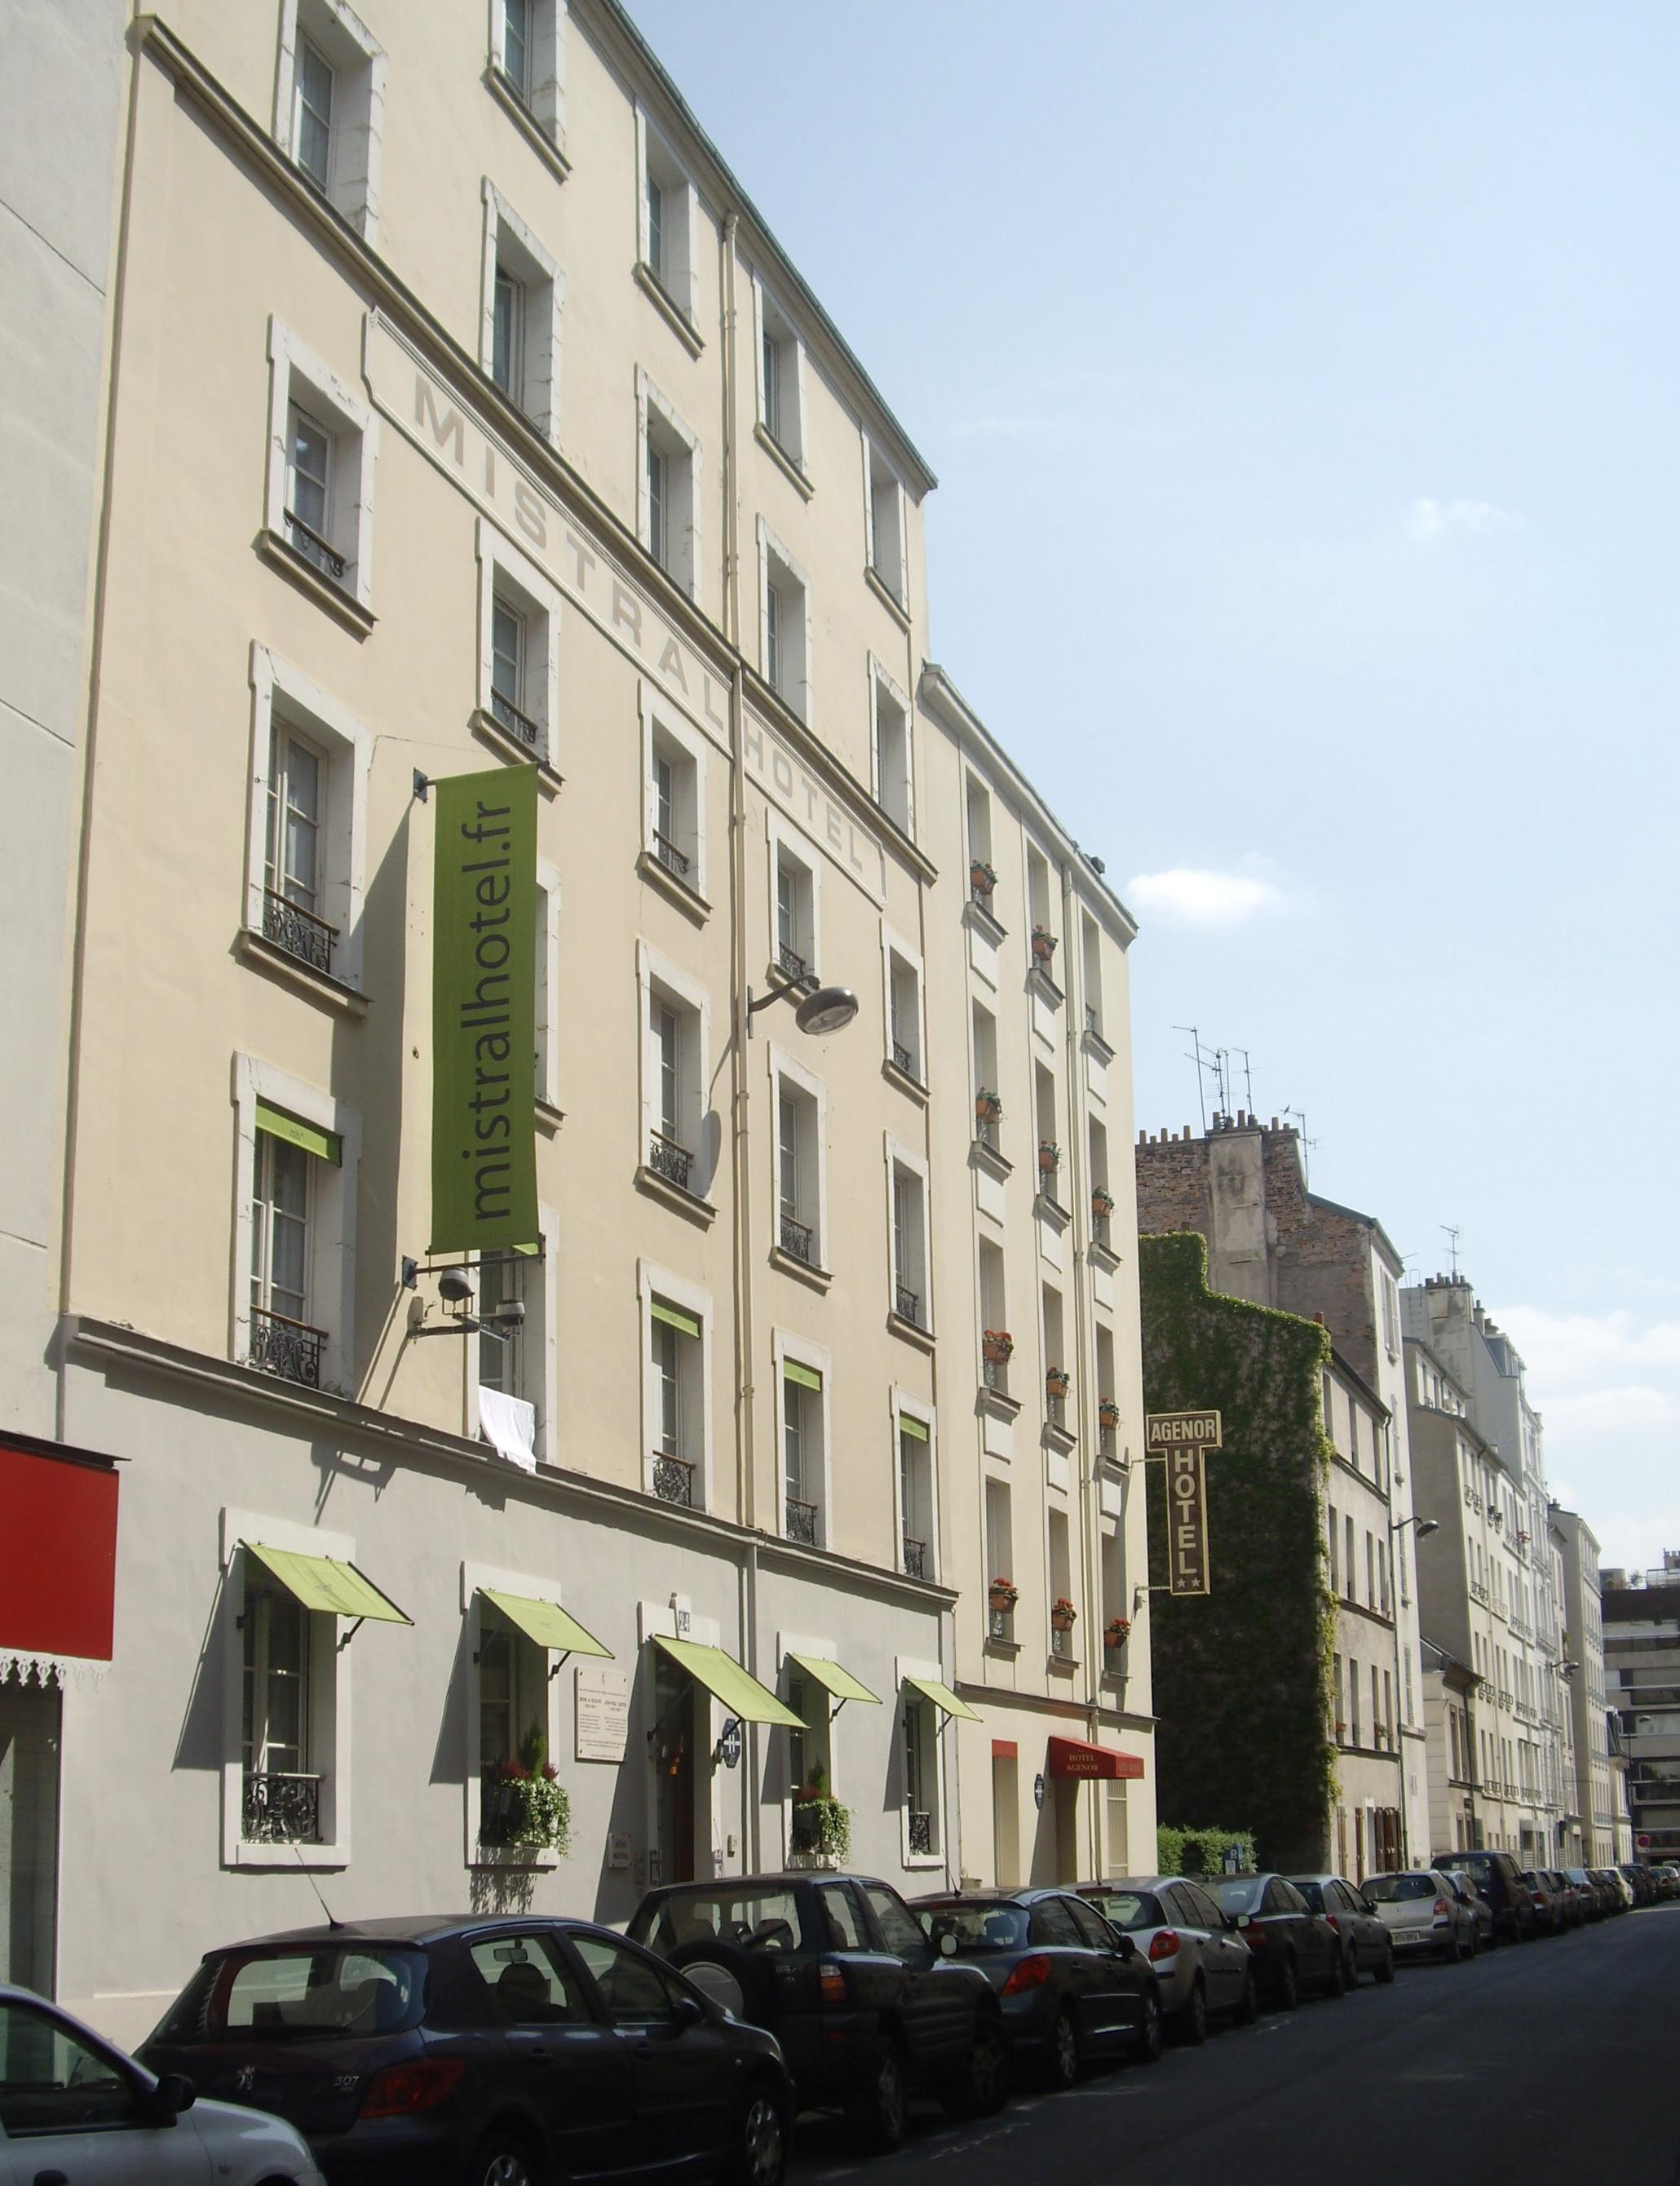 Hotel Le Mistral Paris